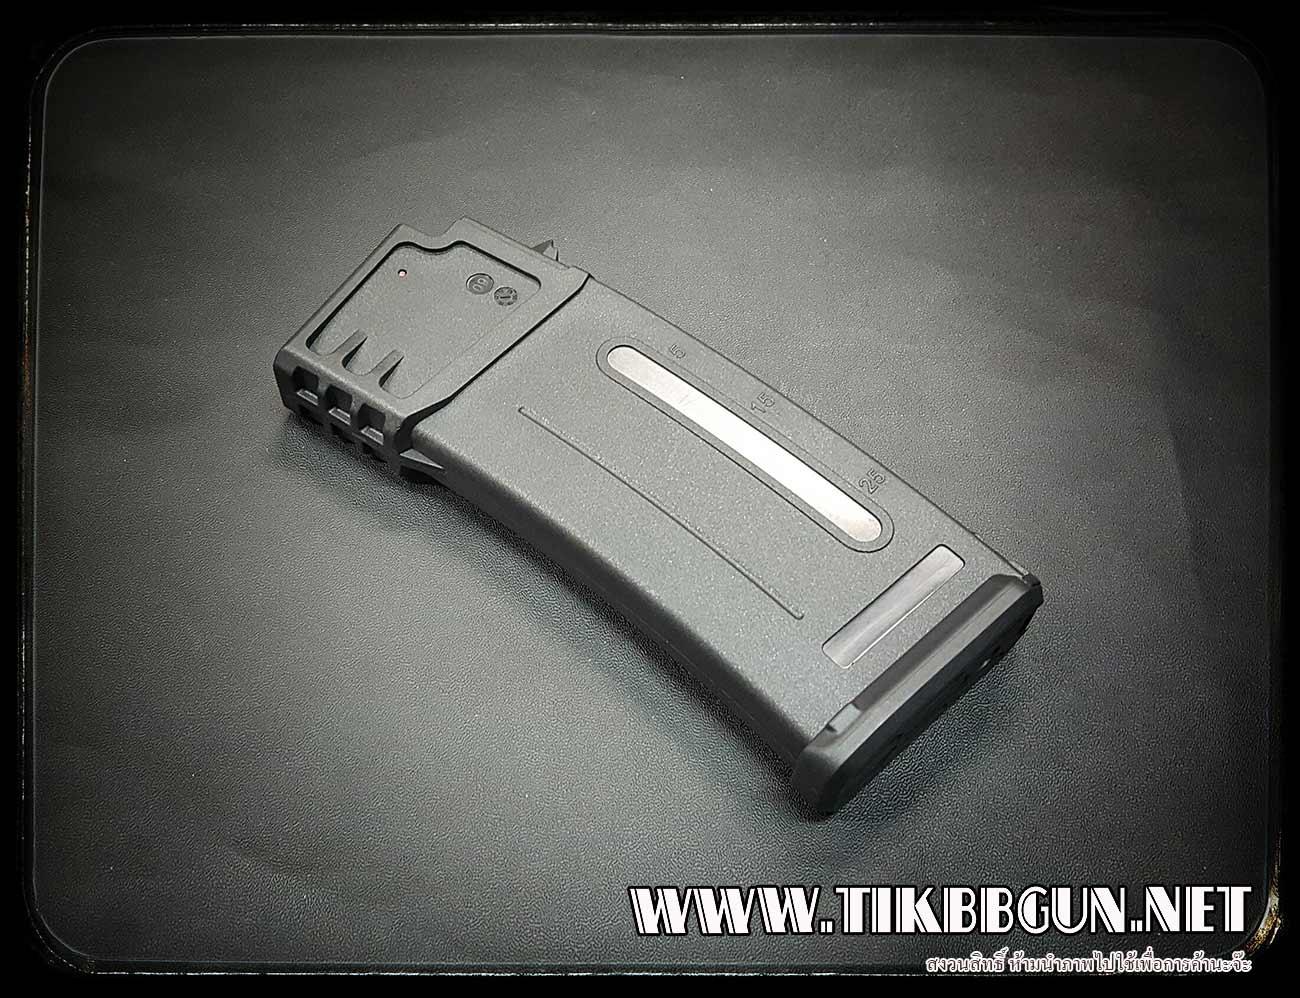 P แม๊กสำหรับปืนไฟฟ้า G36 แบบดึงสลิง สีดำ